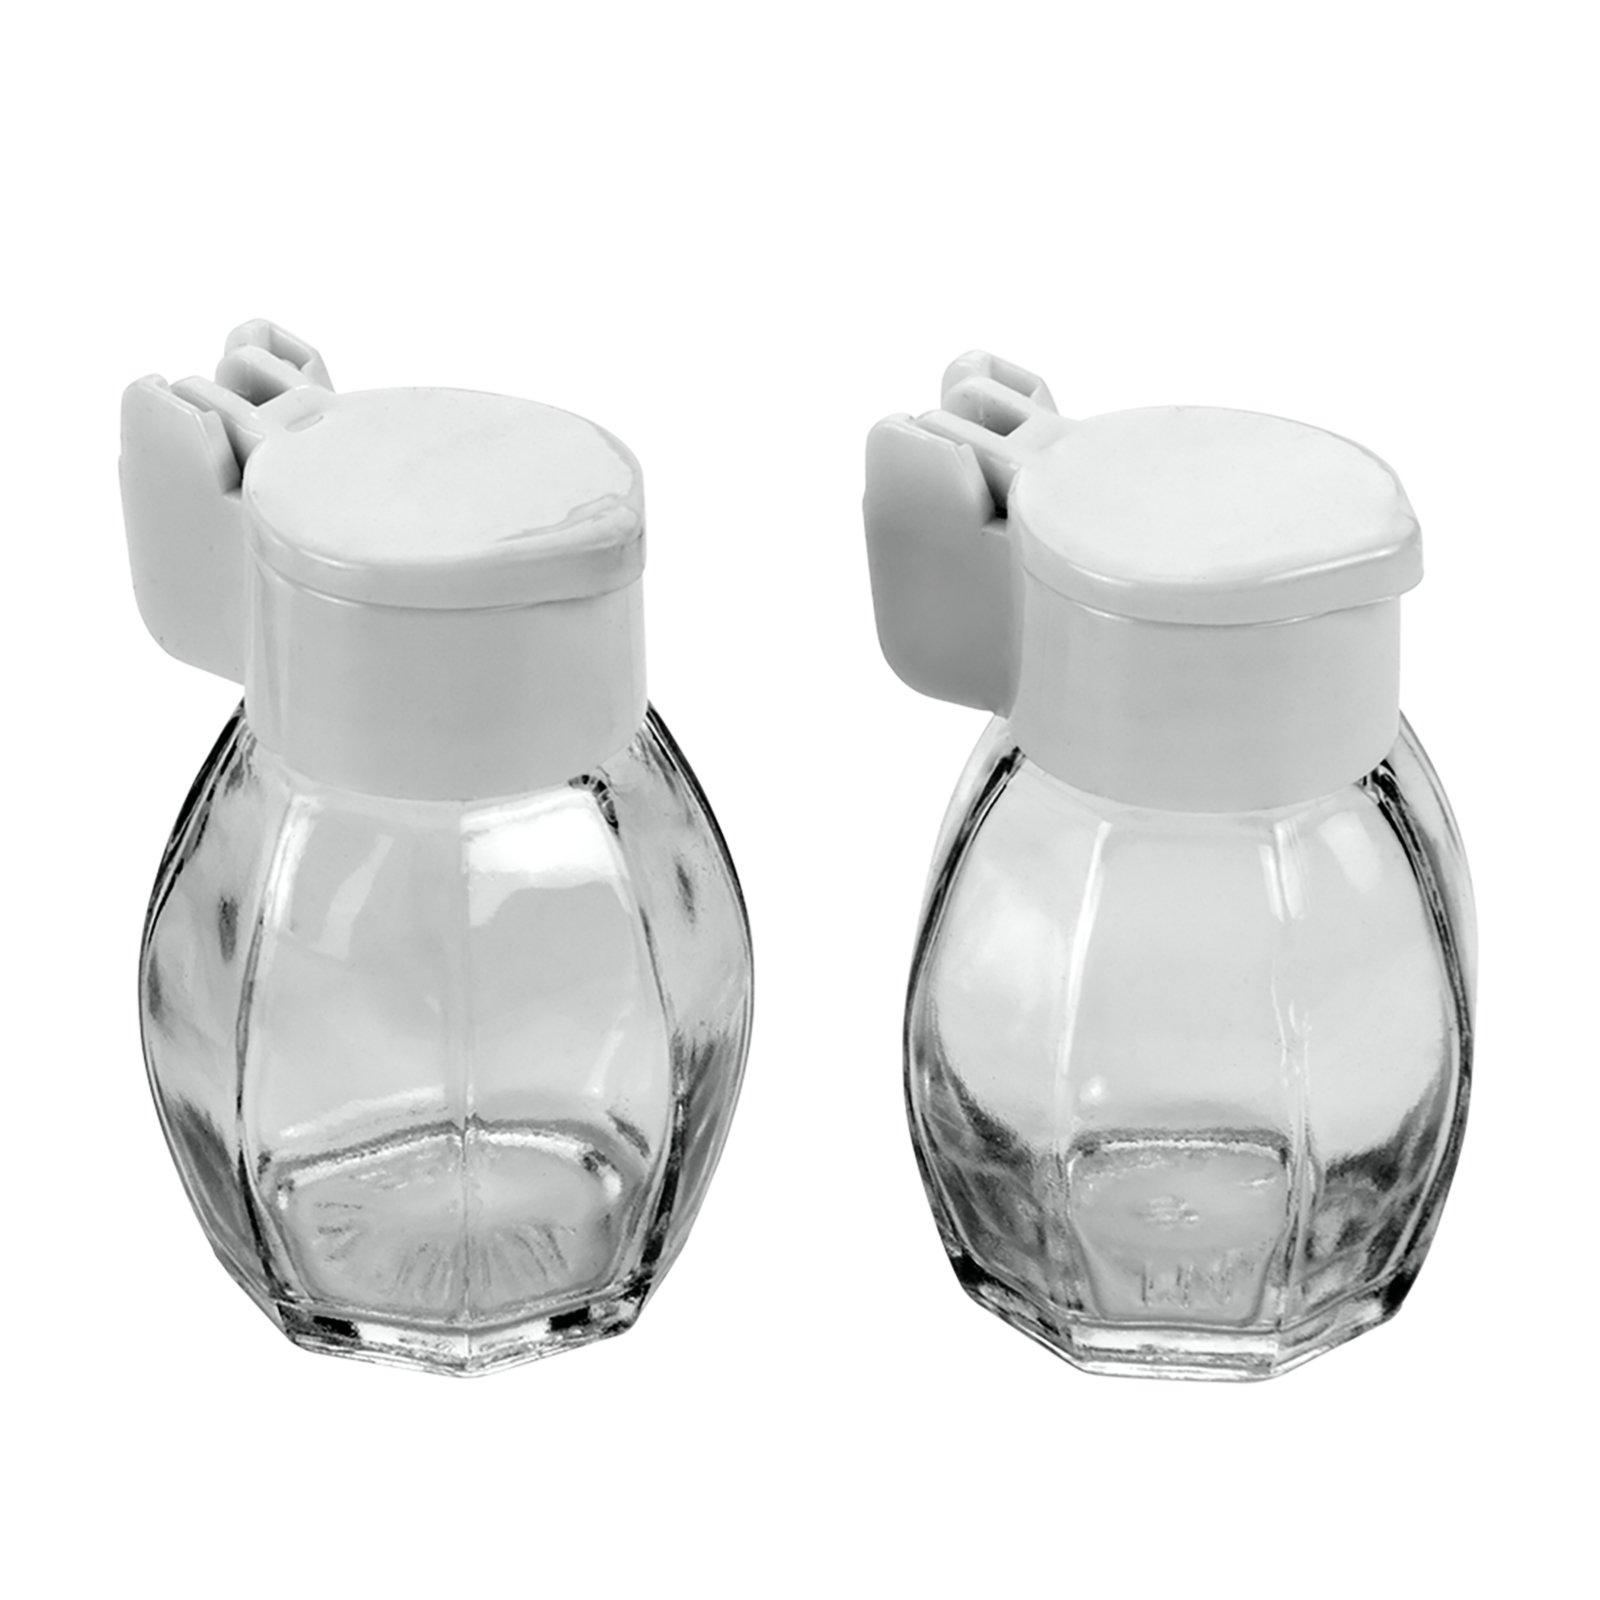 salz und pfefferstreuer set glas kunststoff k chenhelfer haushalts k chenzubeh r. Black Bedroom Furniture Sets. Home Design Ideas